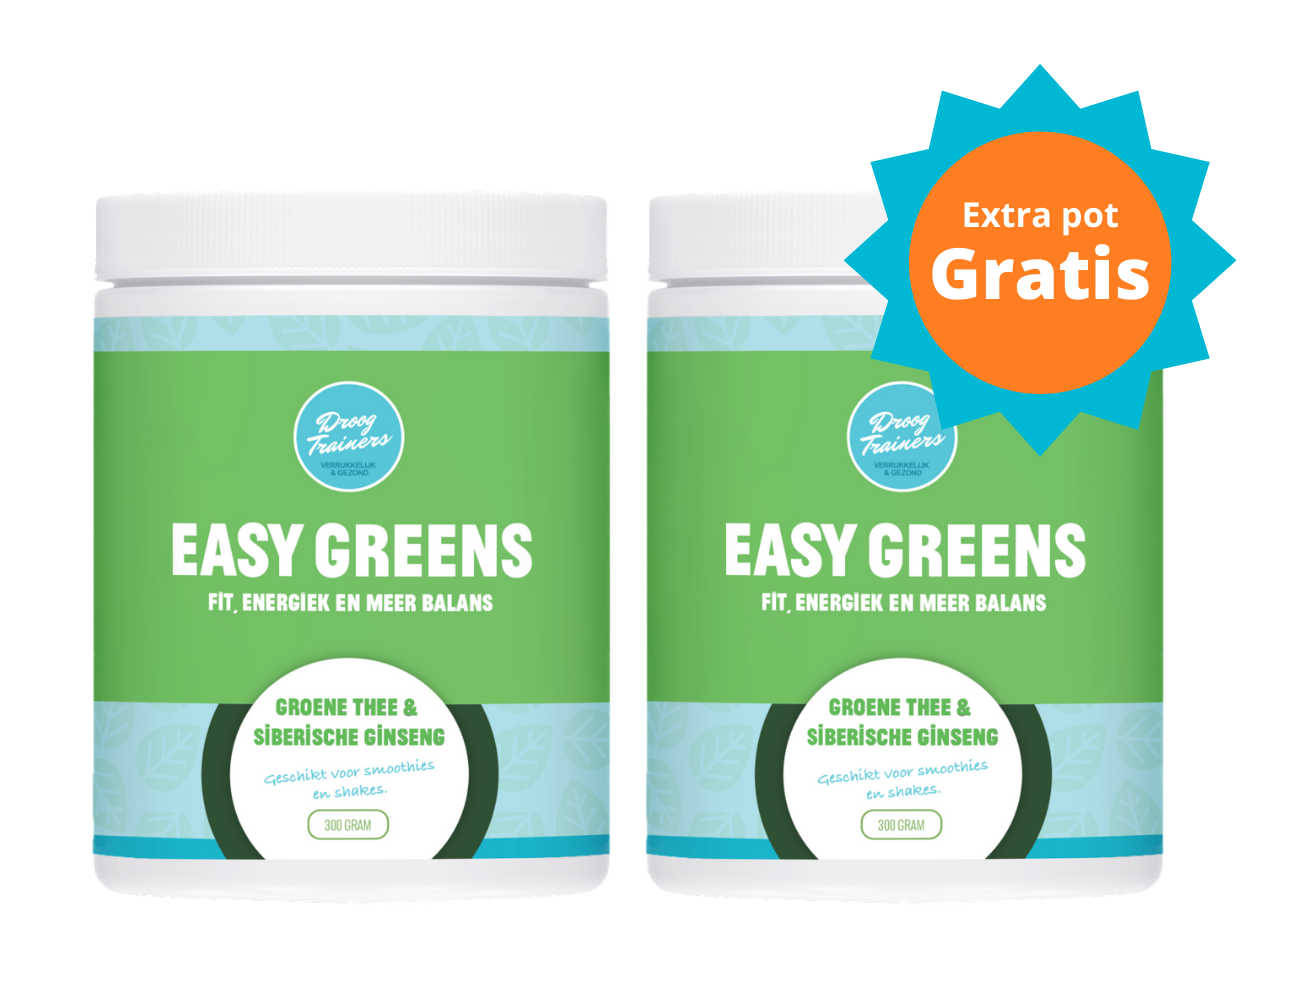 Greens 1290x1323px-2greens